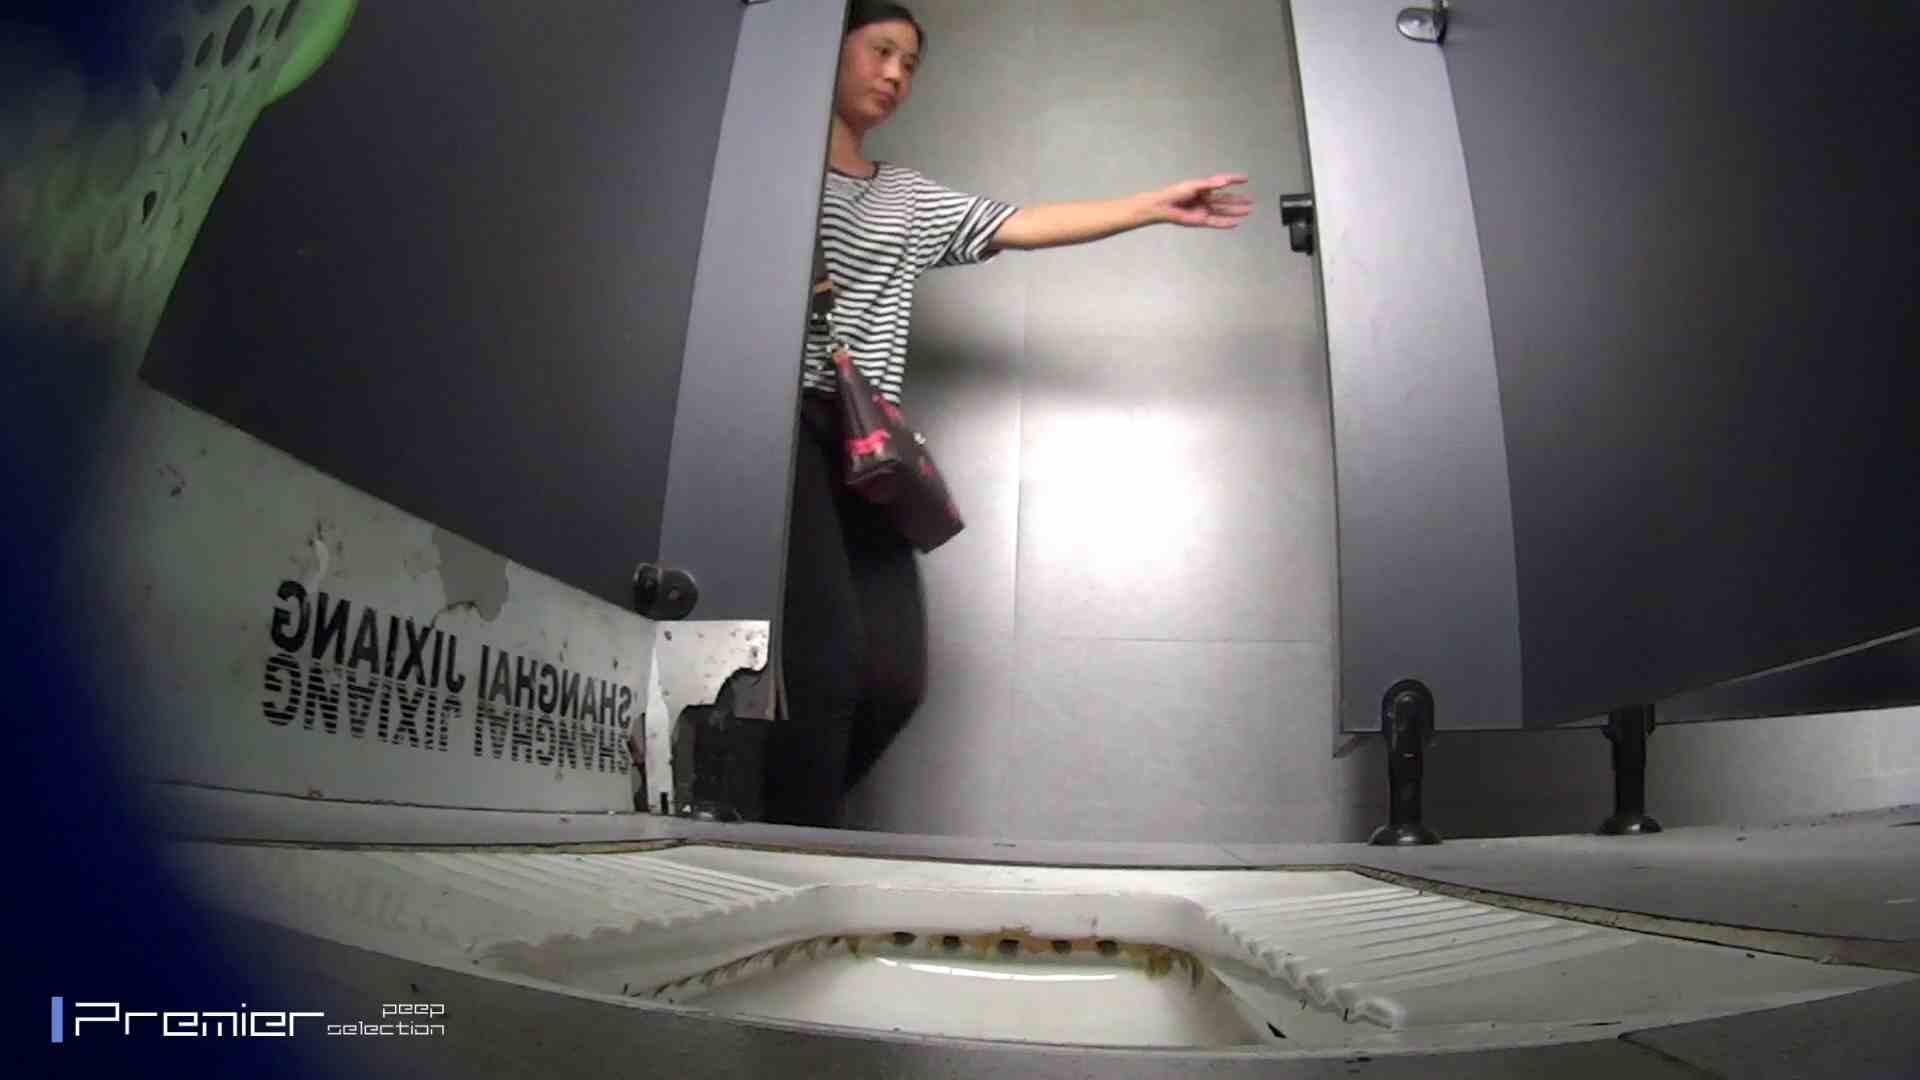 夏全開!ハーフパンツのギャル達 大学休憩時間の洗面所事情44 パンツ おめこ無修正動画無料 60連発 22